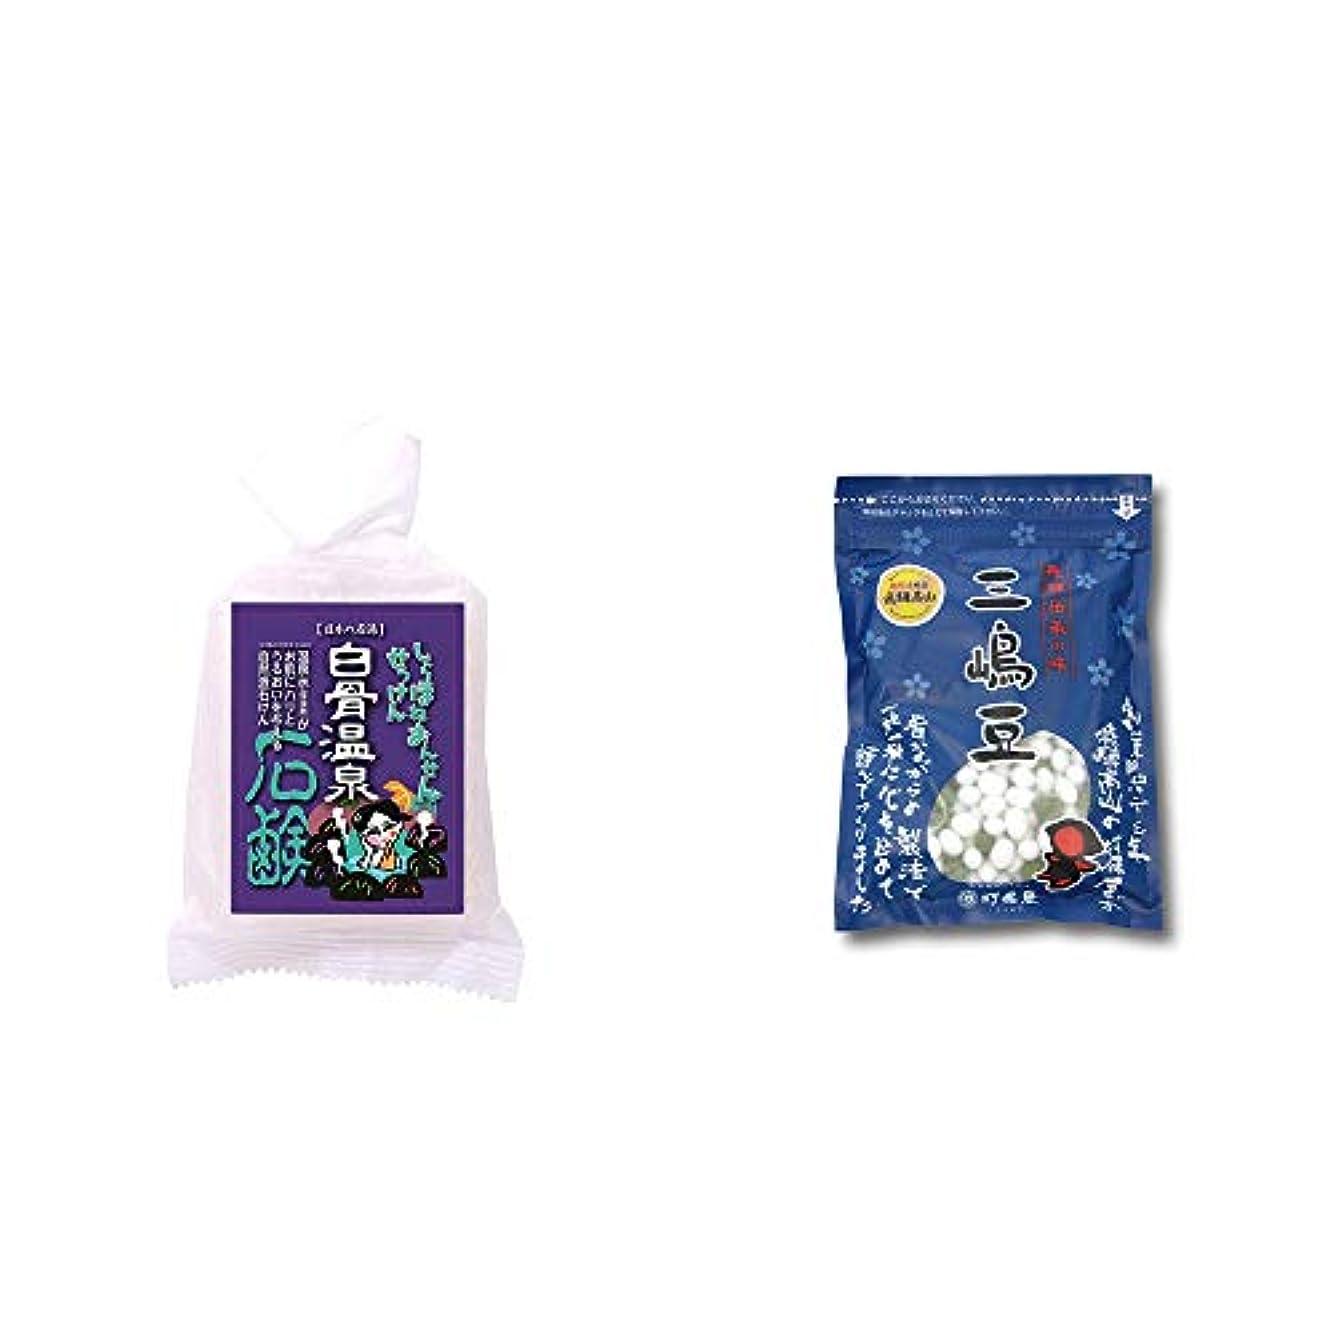 不和投げる机[2点セット] 信州 白骨温泉石鹸(80g)?飛騨 打保屋 駄菓子 三嶋豆(150g)